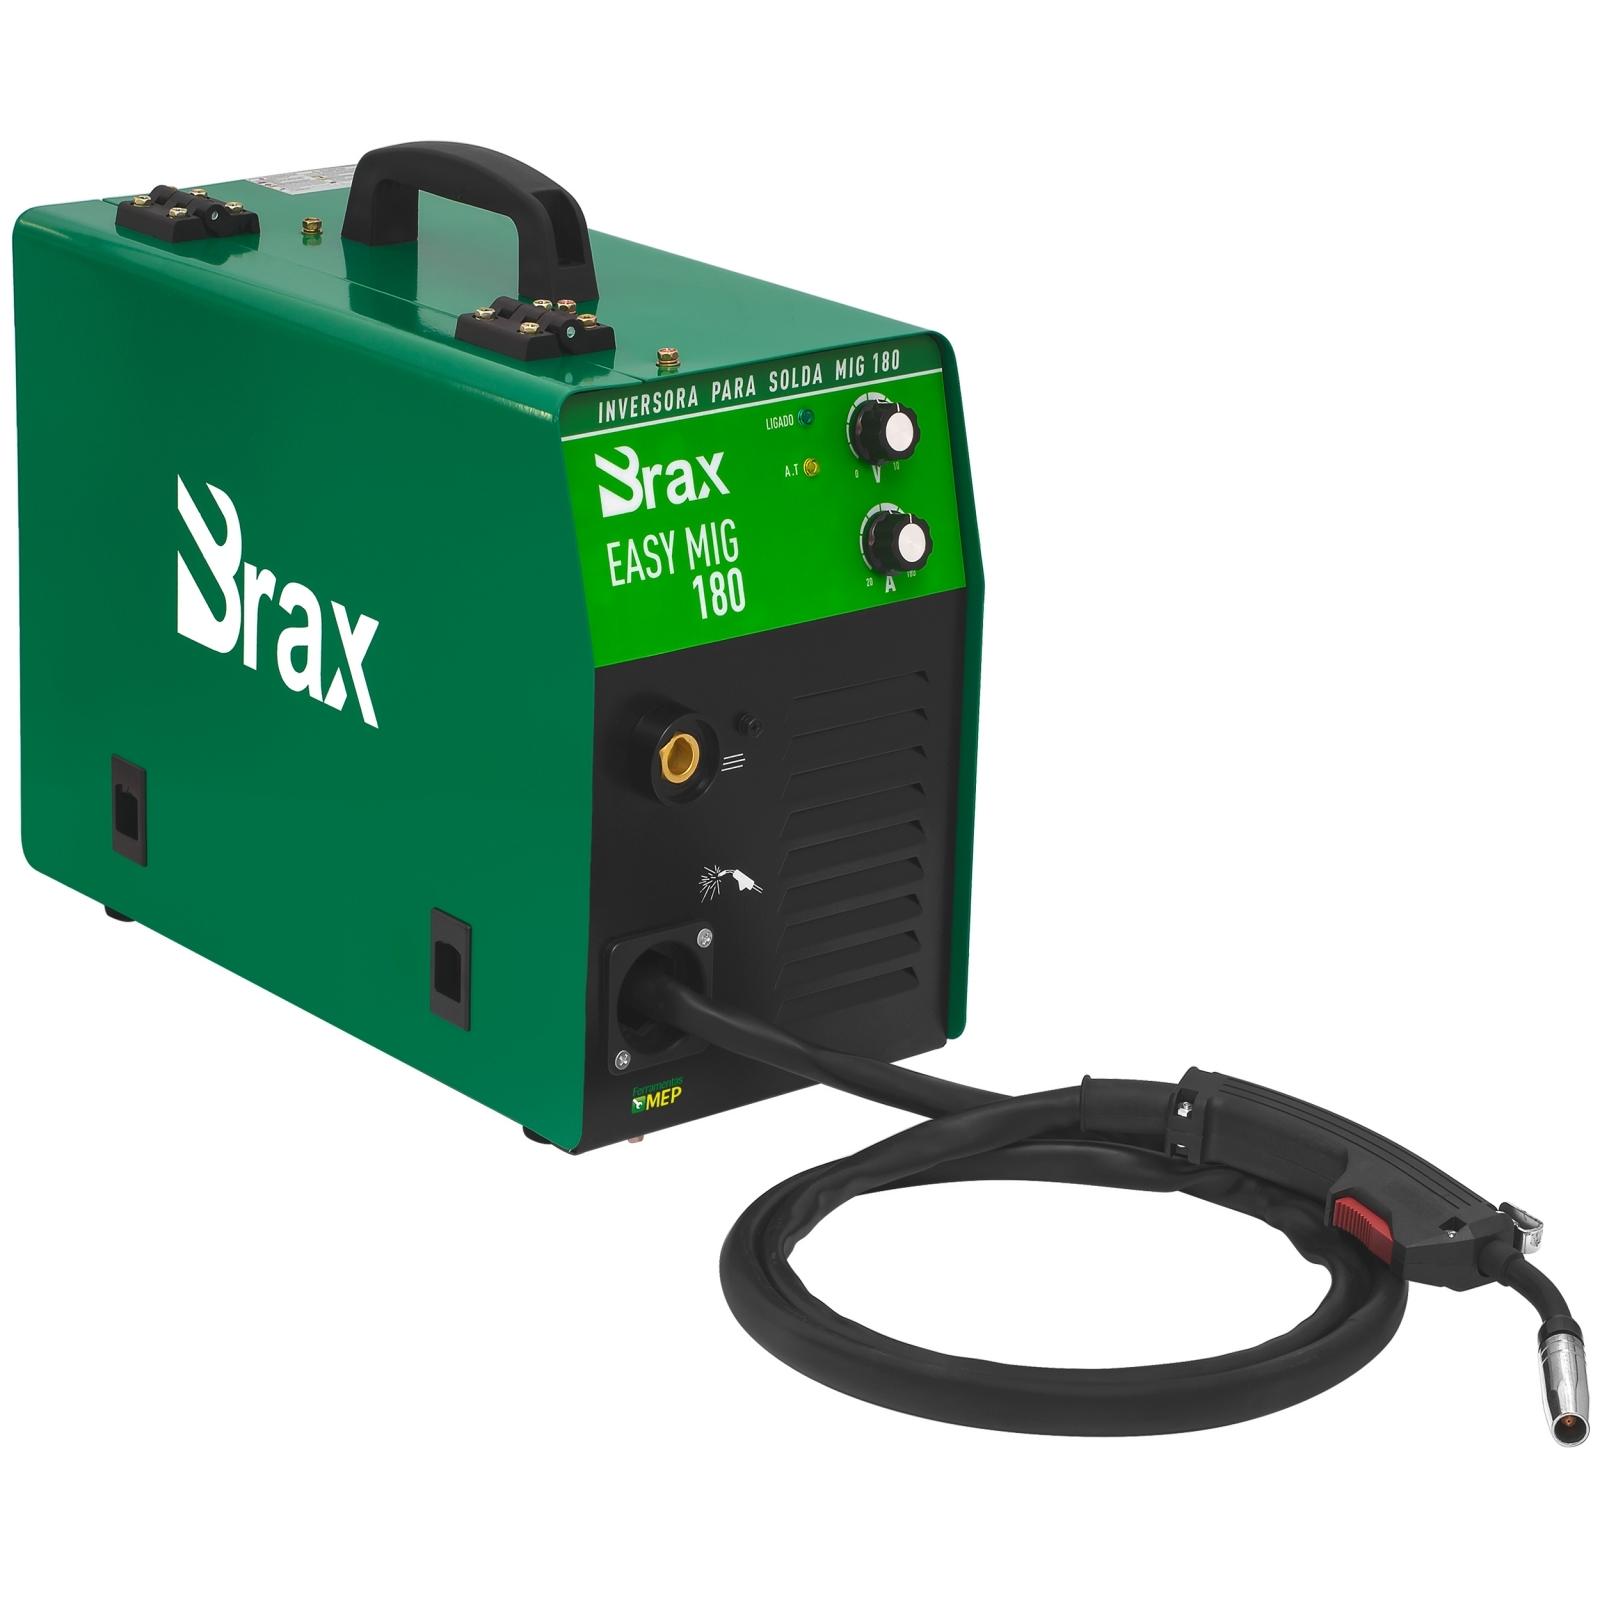 Máquina De Solda Mig Mag  Brax Soldas Easy Mig 180 - Ferramentas MEP